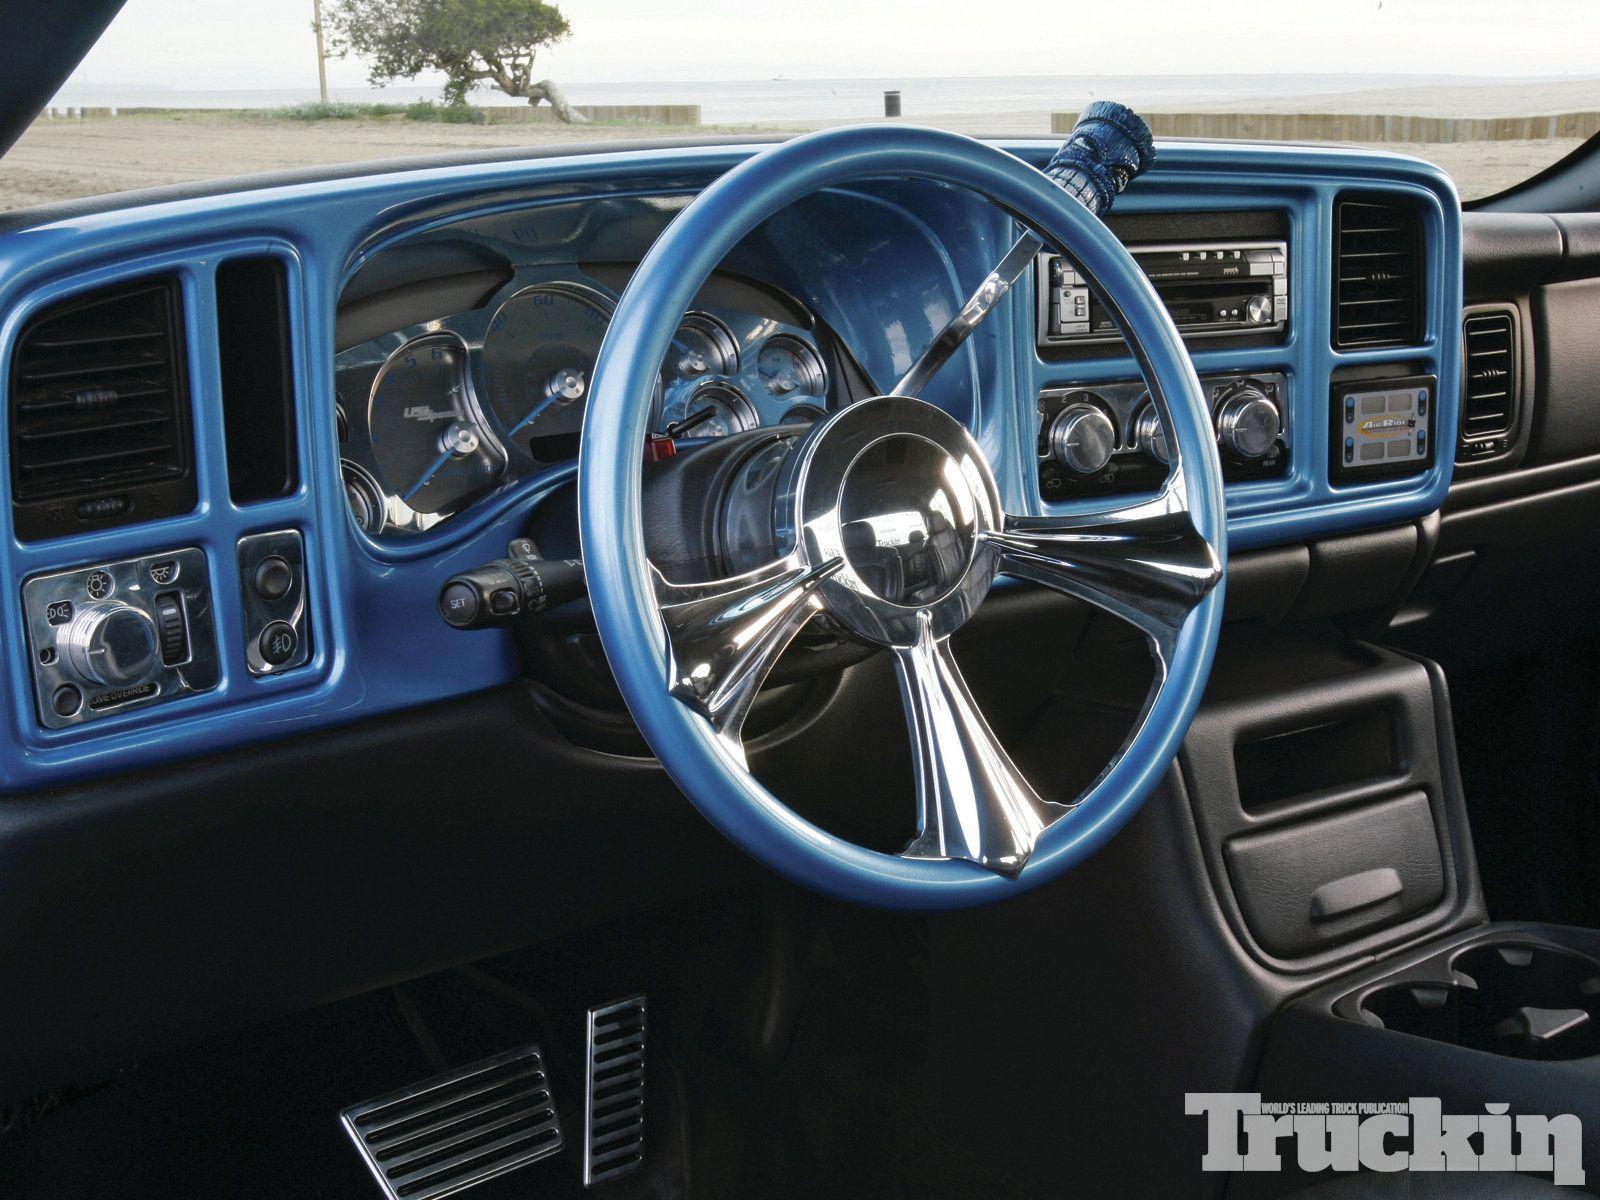 1302tr 06 2000 Chevy Silverado Painted Dash